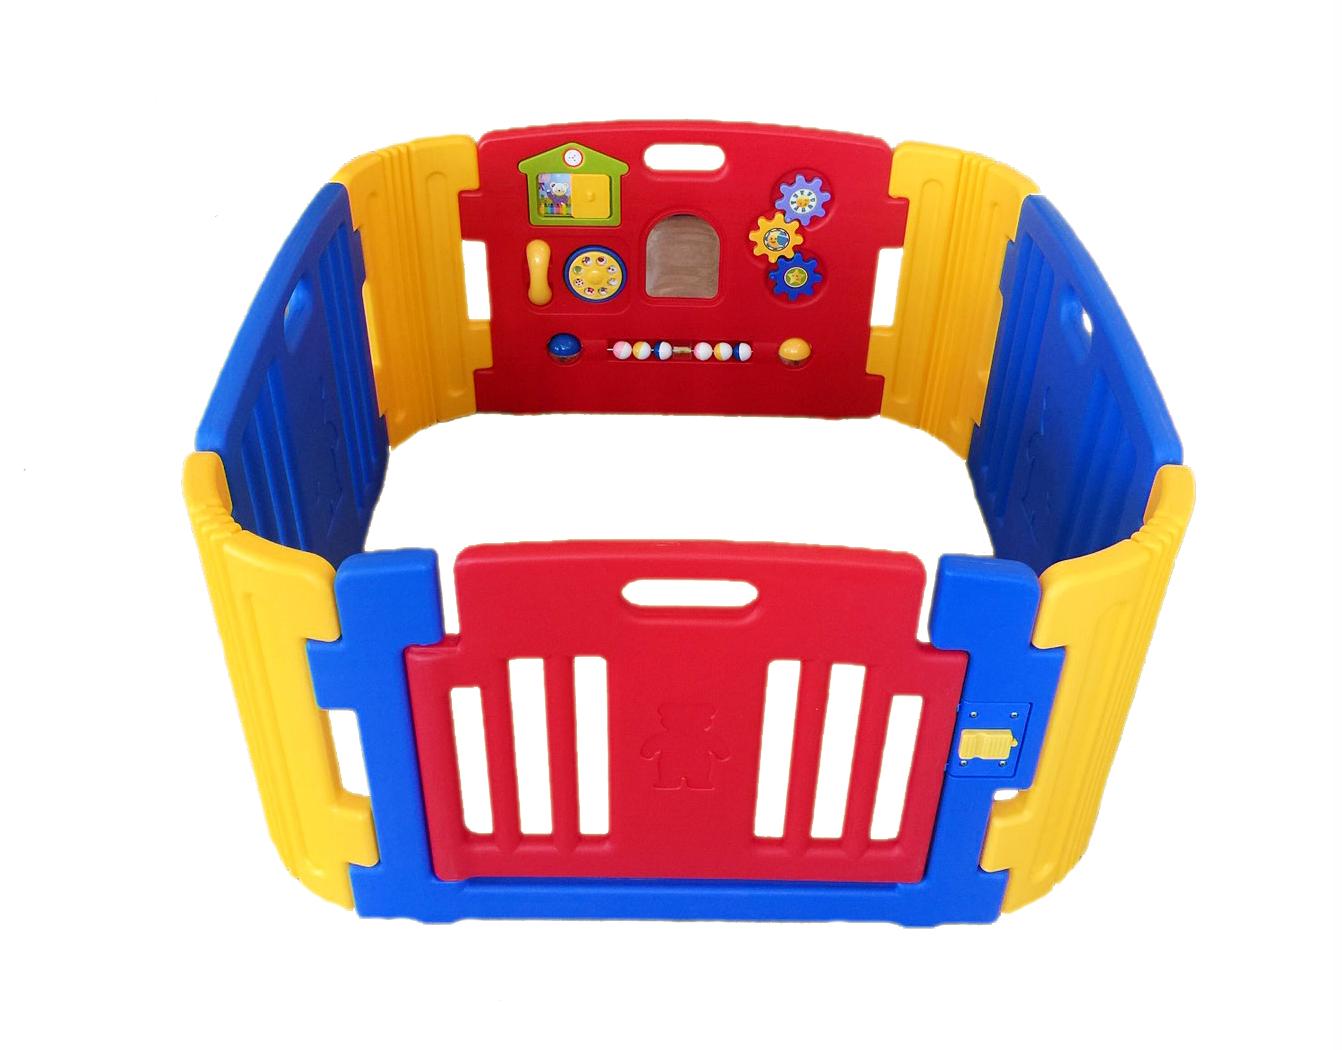 คอกกั้นเด็ก Haenim new สีแดงสดใส รุ่น Playgame ไซท์S